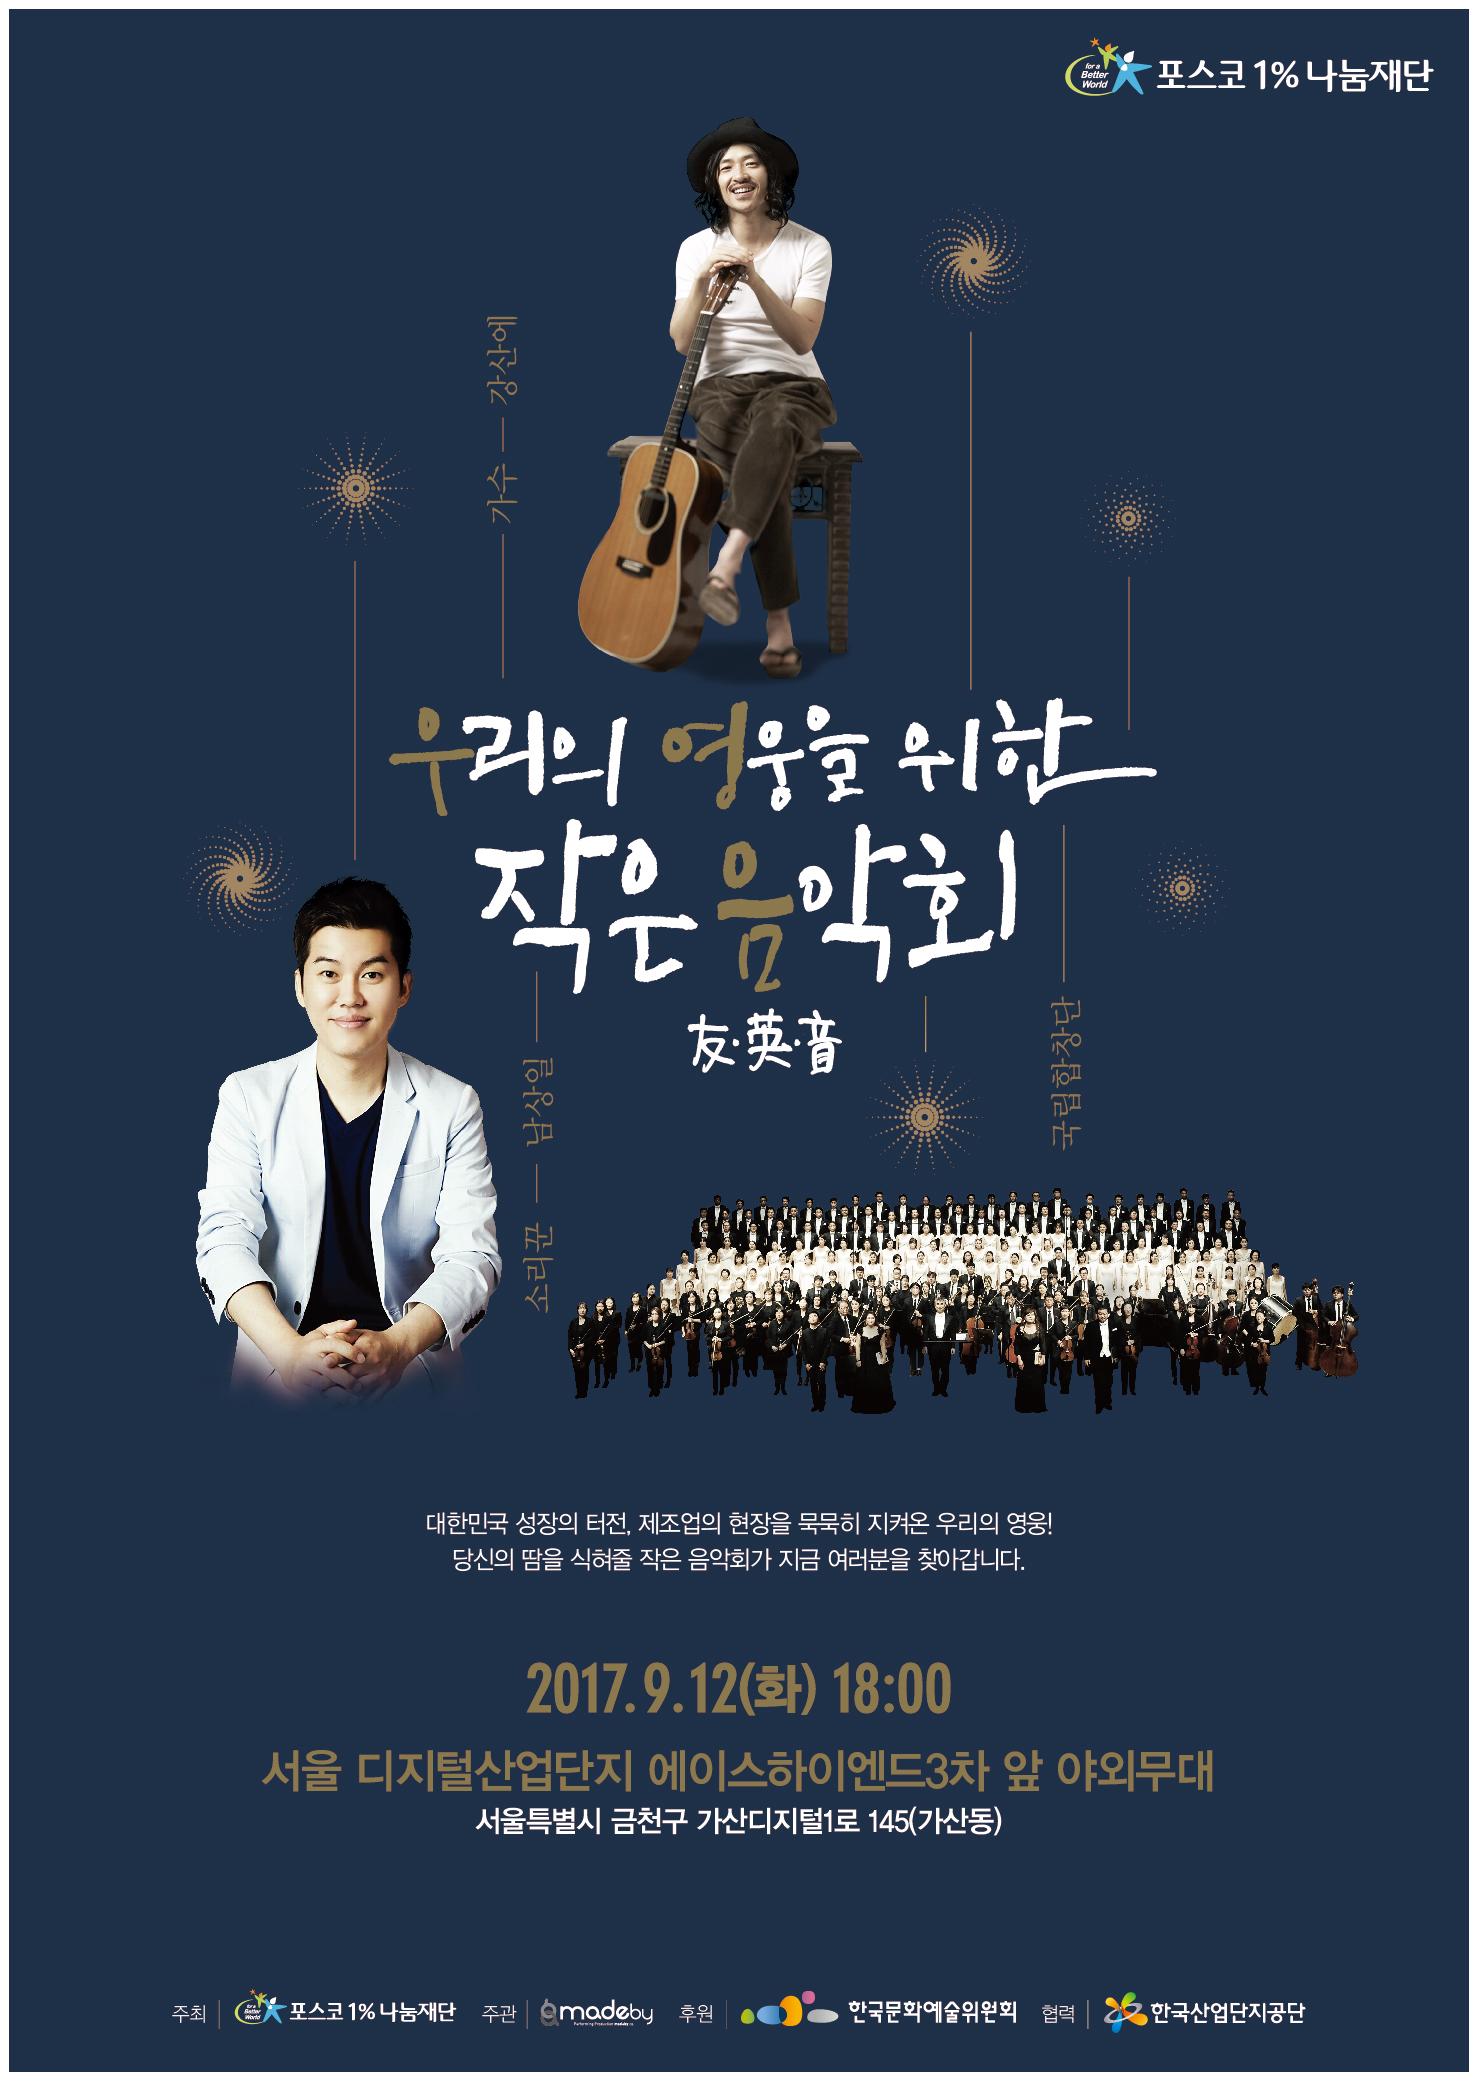 우리의 영웅을 위한 작은 음악회 2017.9.12 화 18:00 서울 디지털산업단지 에이스하이엔드 3차앞 야외무대